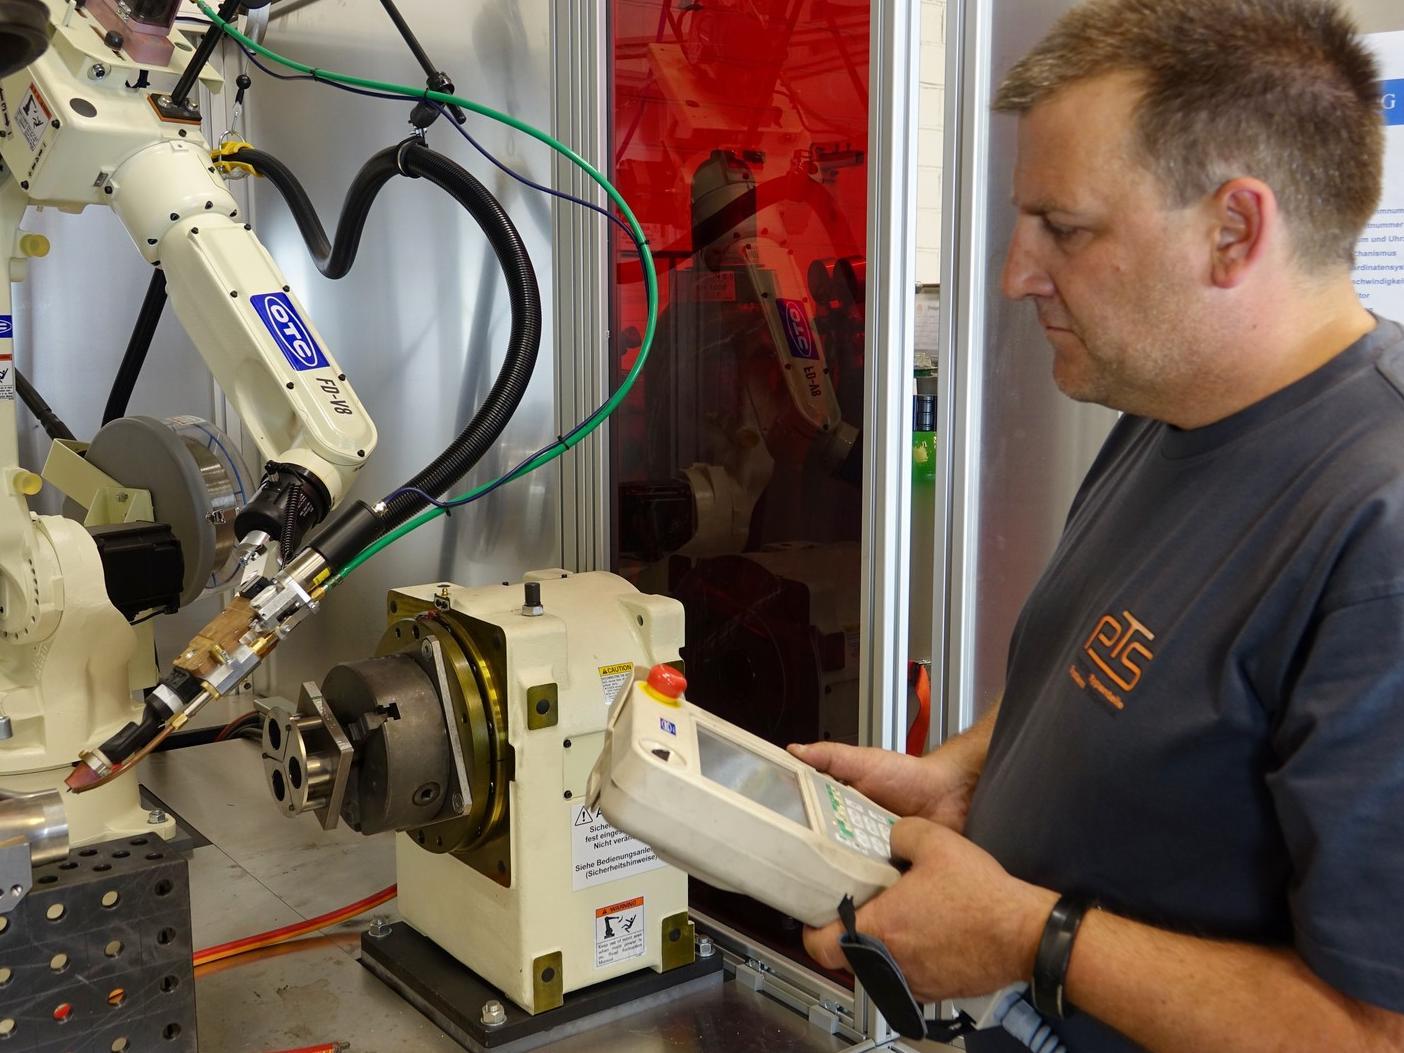 Teamleiter Prototypenbau Jörg Krauß demonstriert die einfache Programmierung der Easy ARC bei der Vorbereitung eines neuen Schweißvorgangs für Automotive-Bauteile.